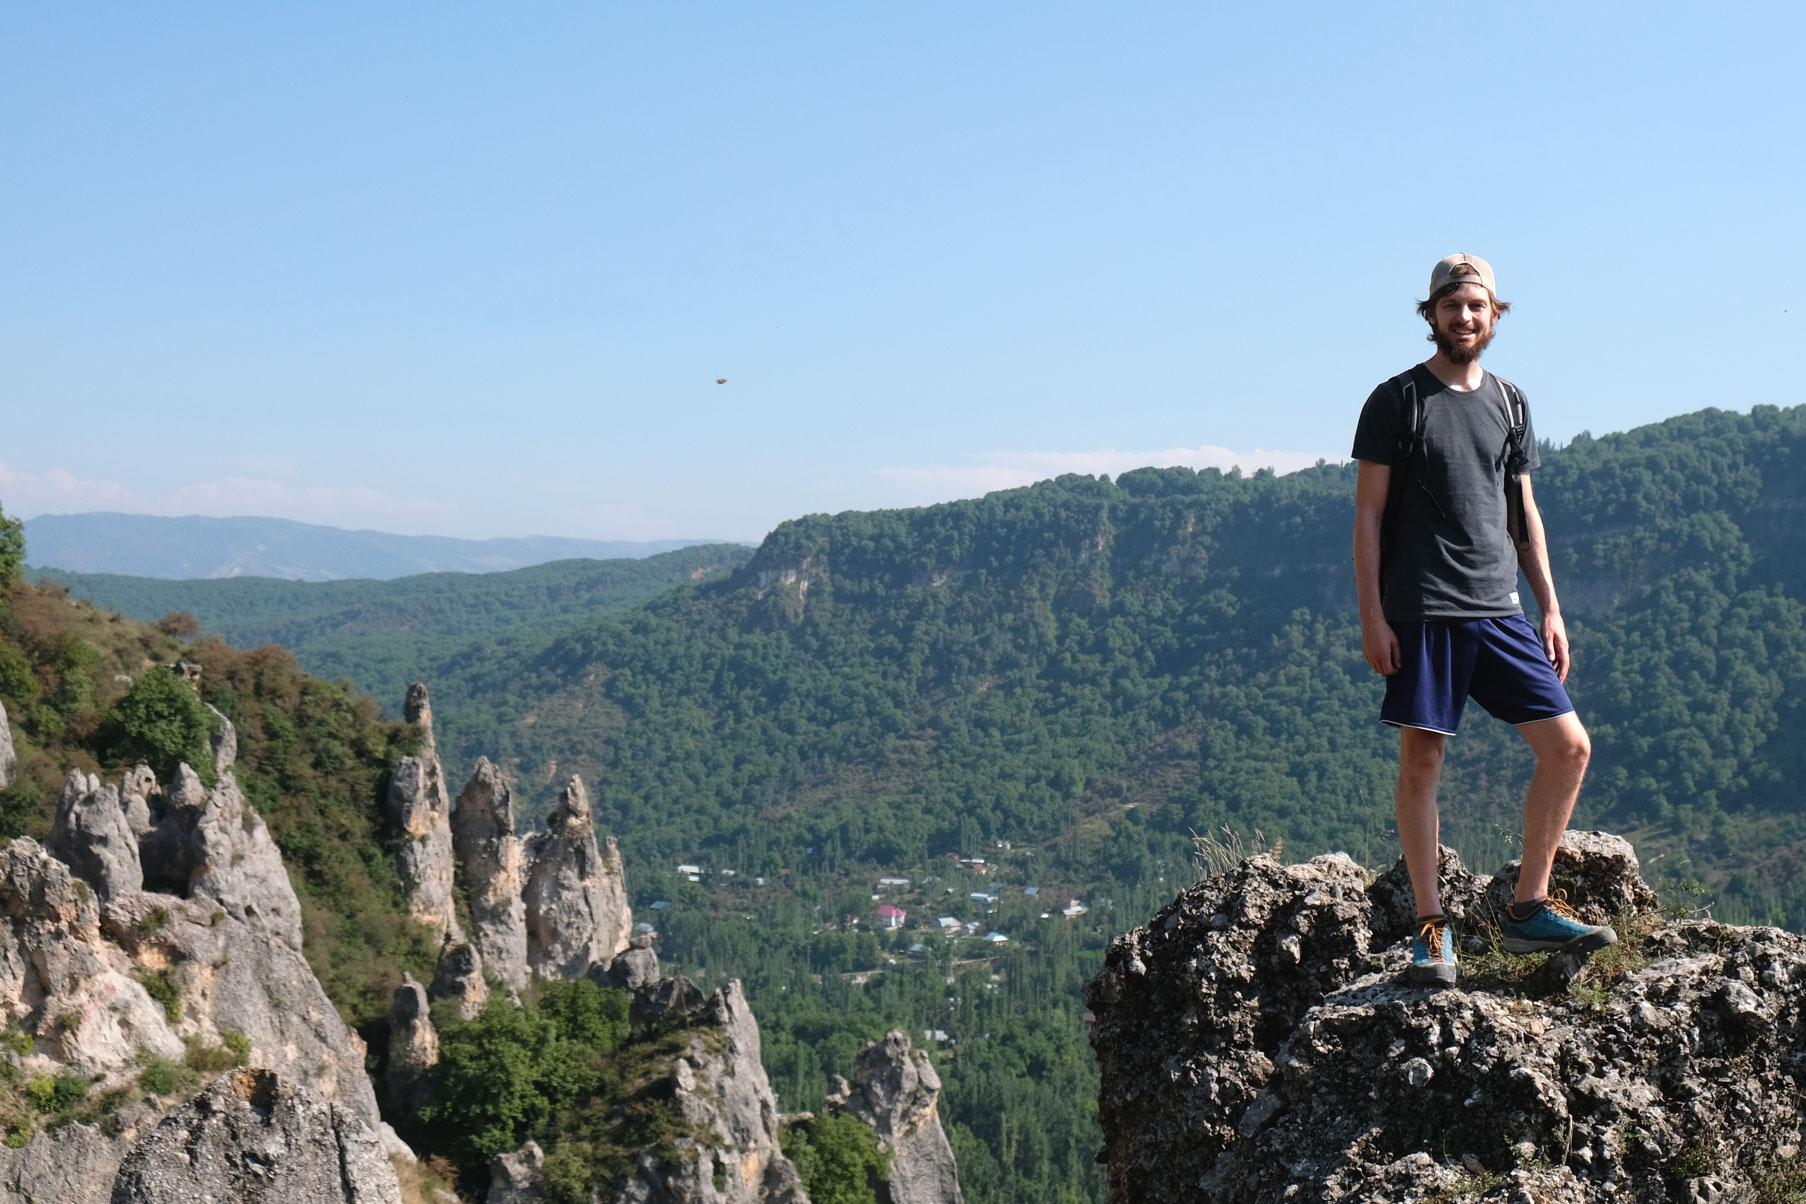 Sebastian steht auf einem Felsen in den Bergen.